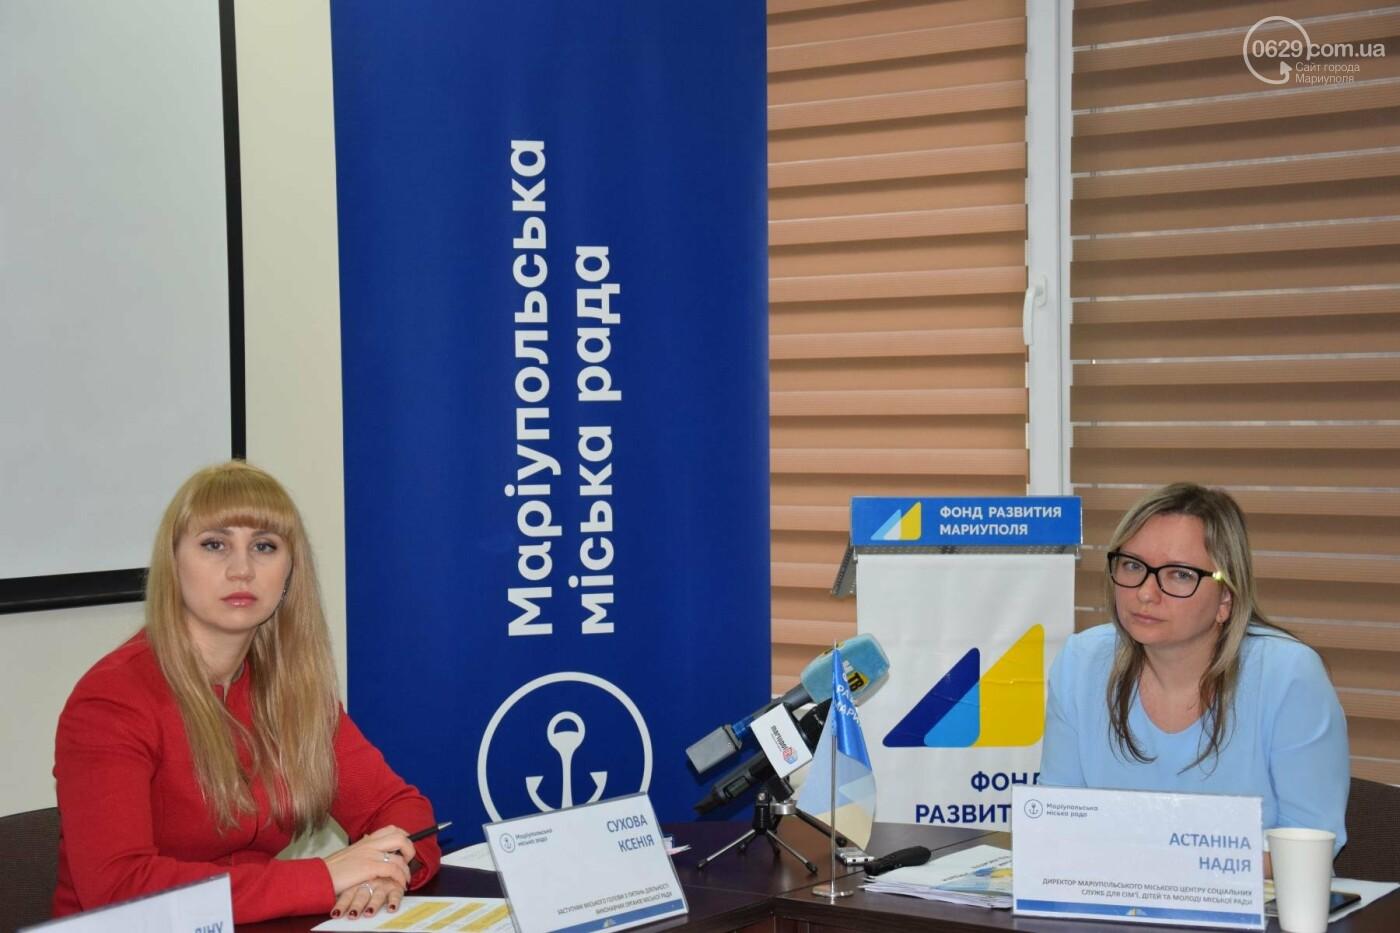 Презентация убежища в Мариуполе завершилась предложением о  воссоздании вытрезвителей (ФОТО, ВИДЕО), фото-2